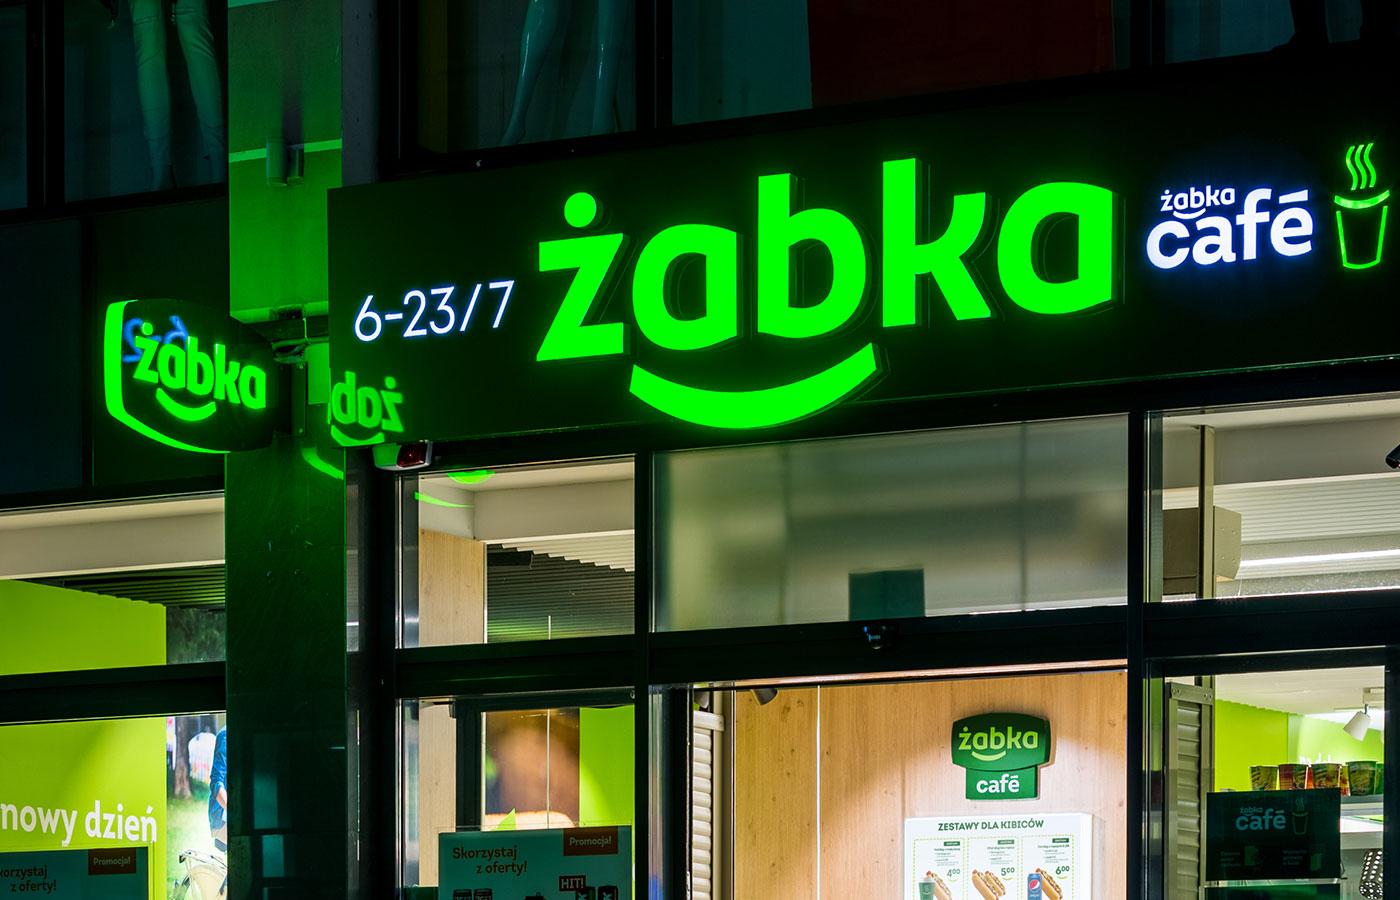 Сеть магазинов 'Жабка' получила статус почты и будет открыта во все воскресенья